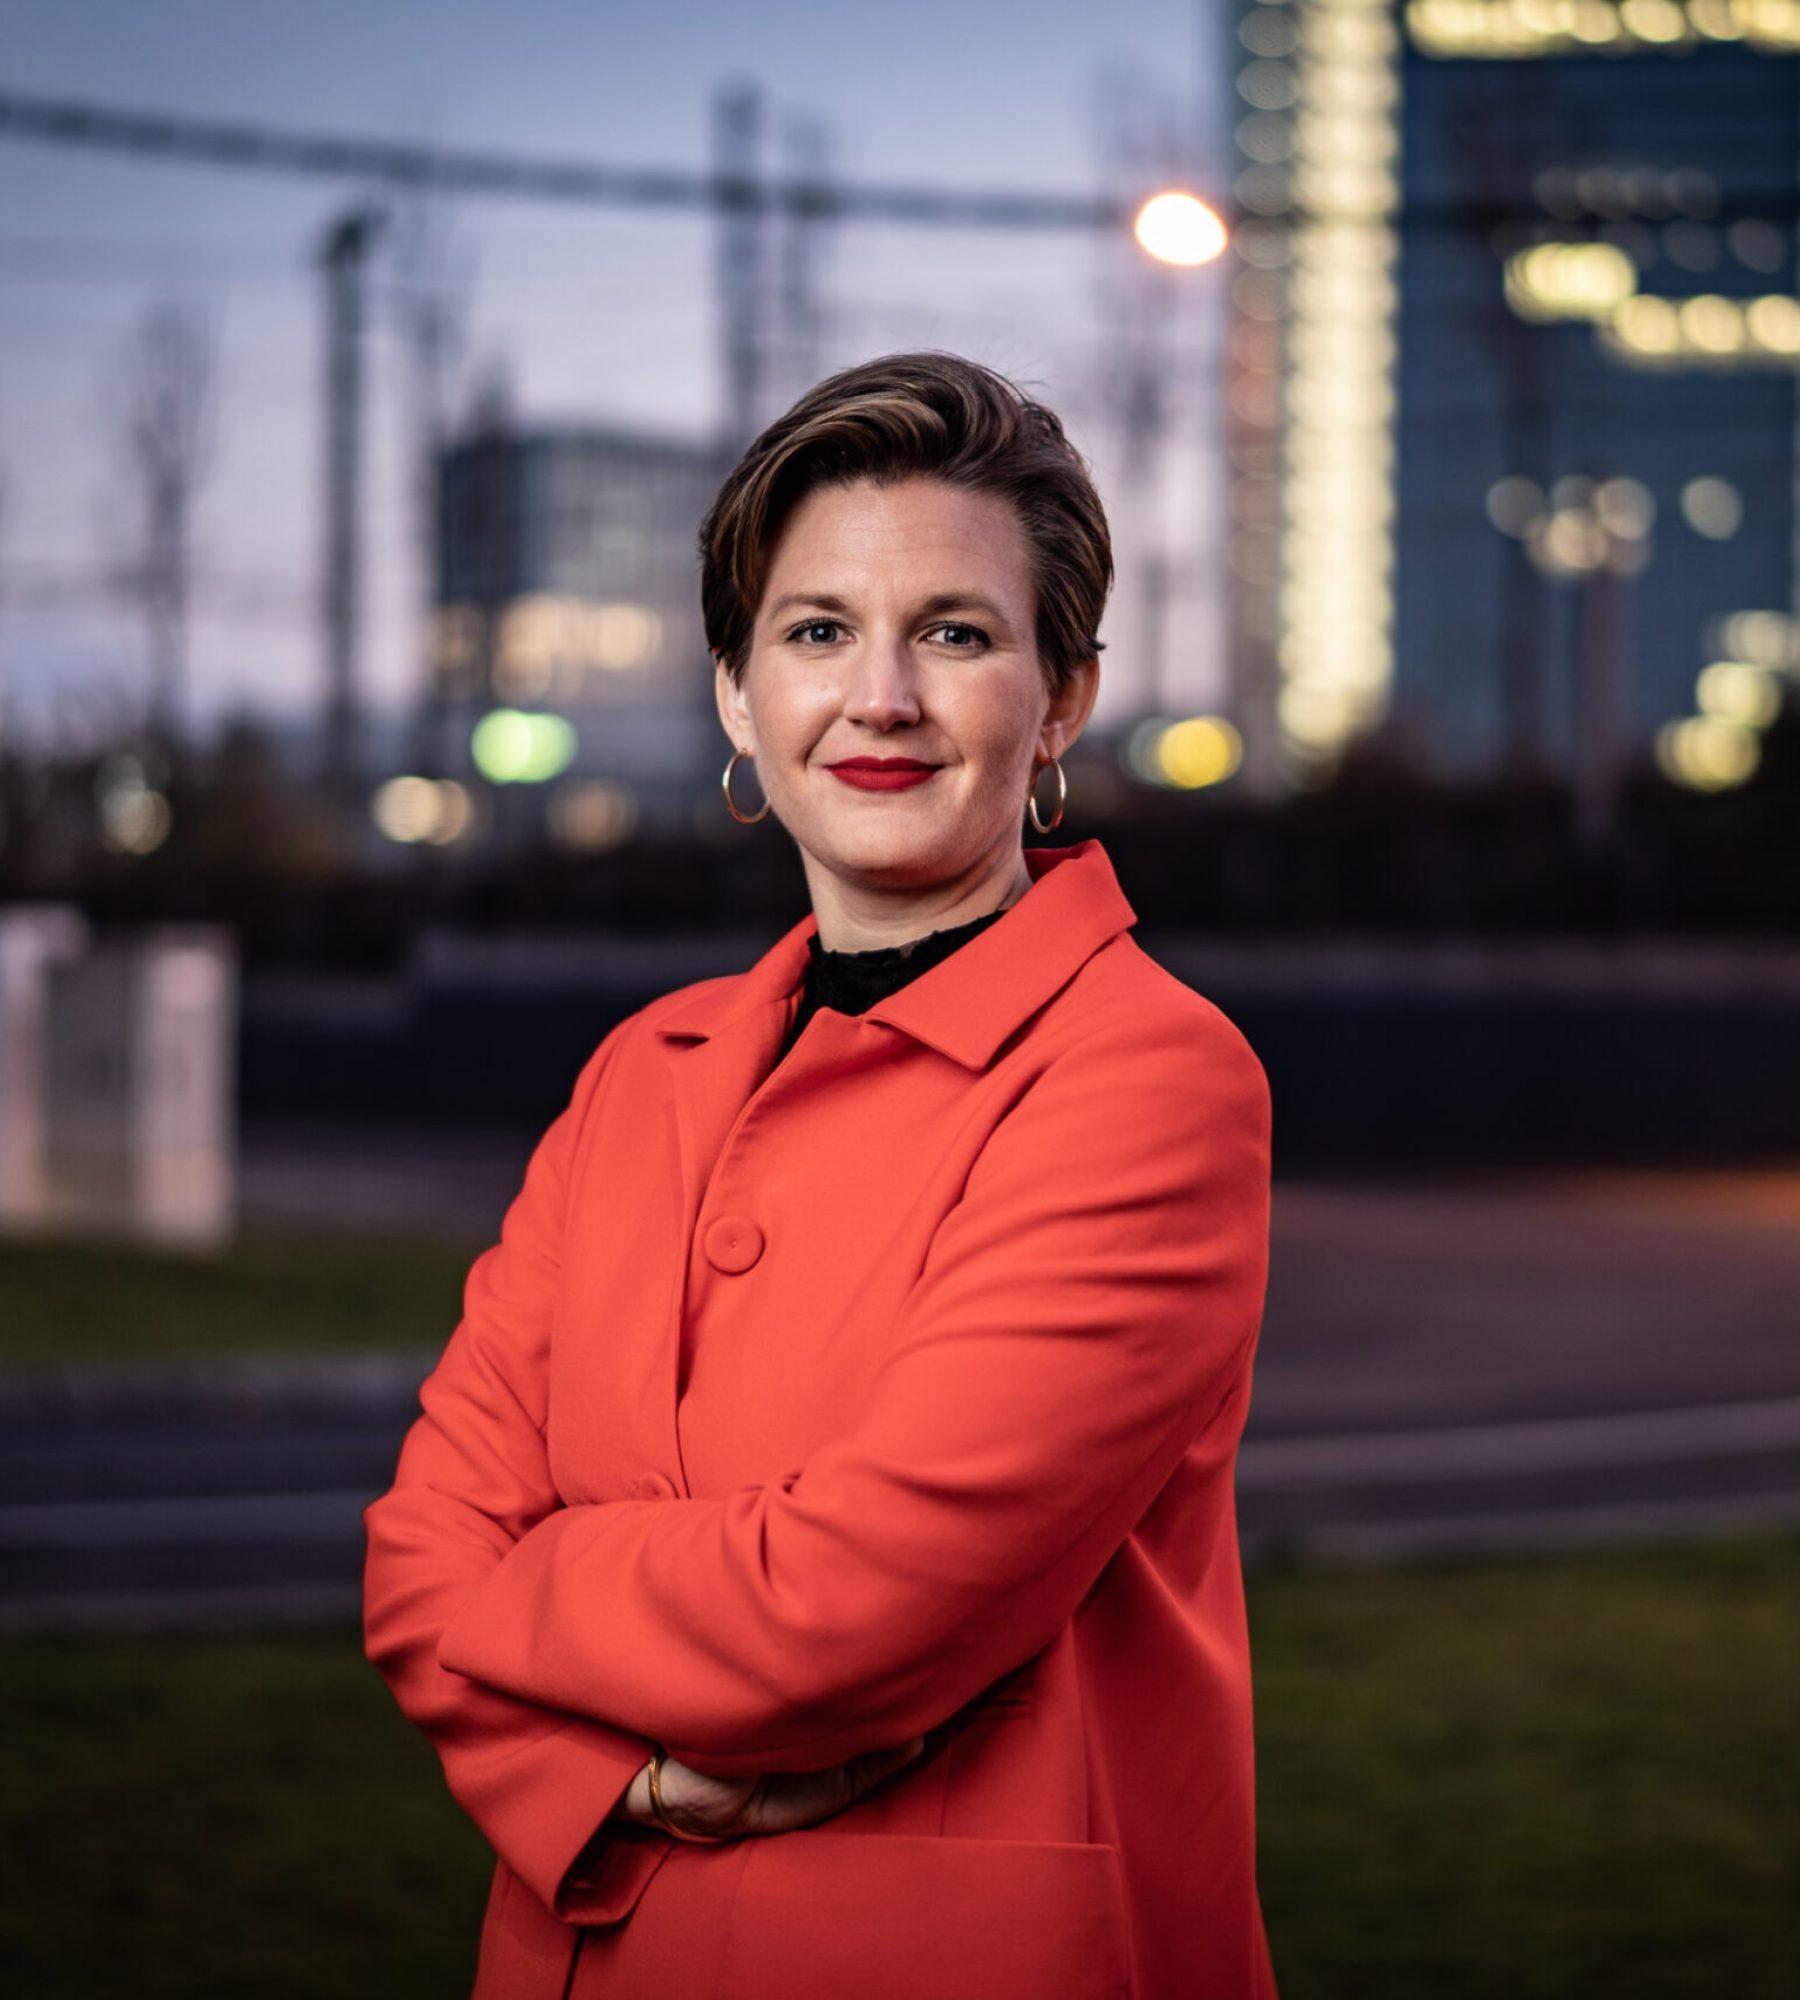 Dr. Simone Burel, LUB Linguistische Unternehmensberatung in Mannheim. photo © Peter Jülich / Agentur Focus